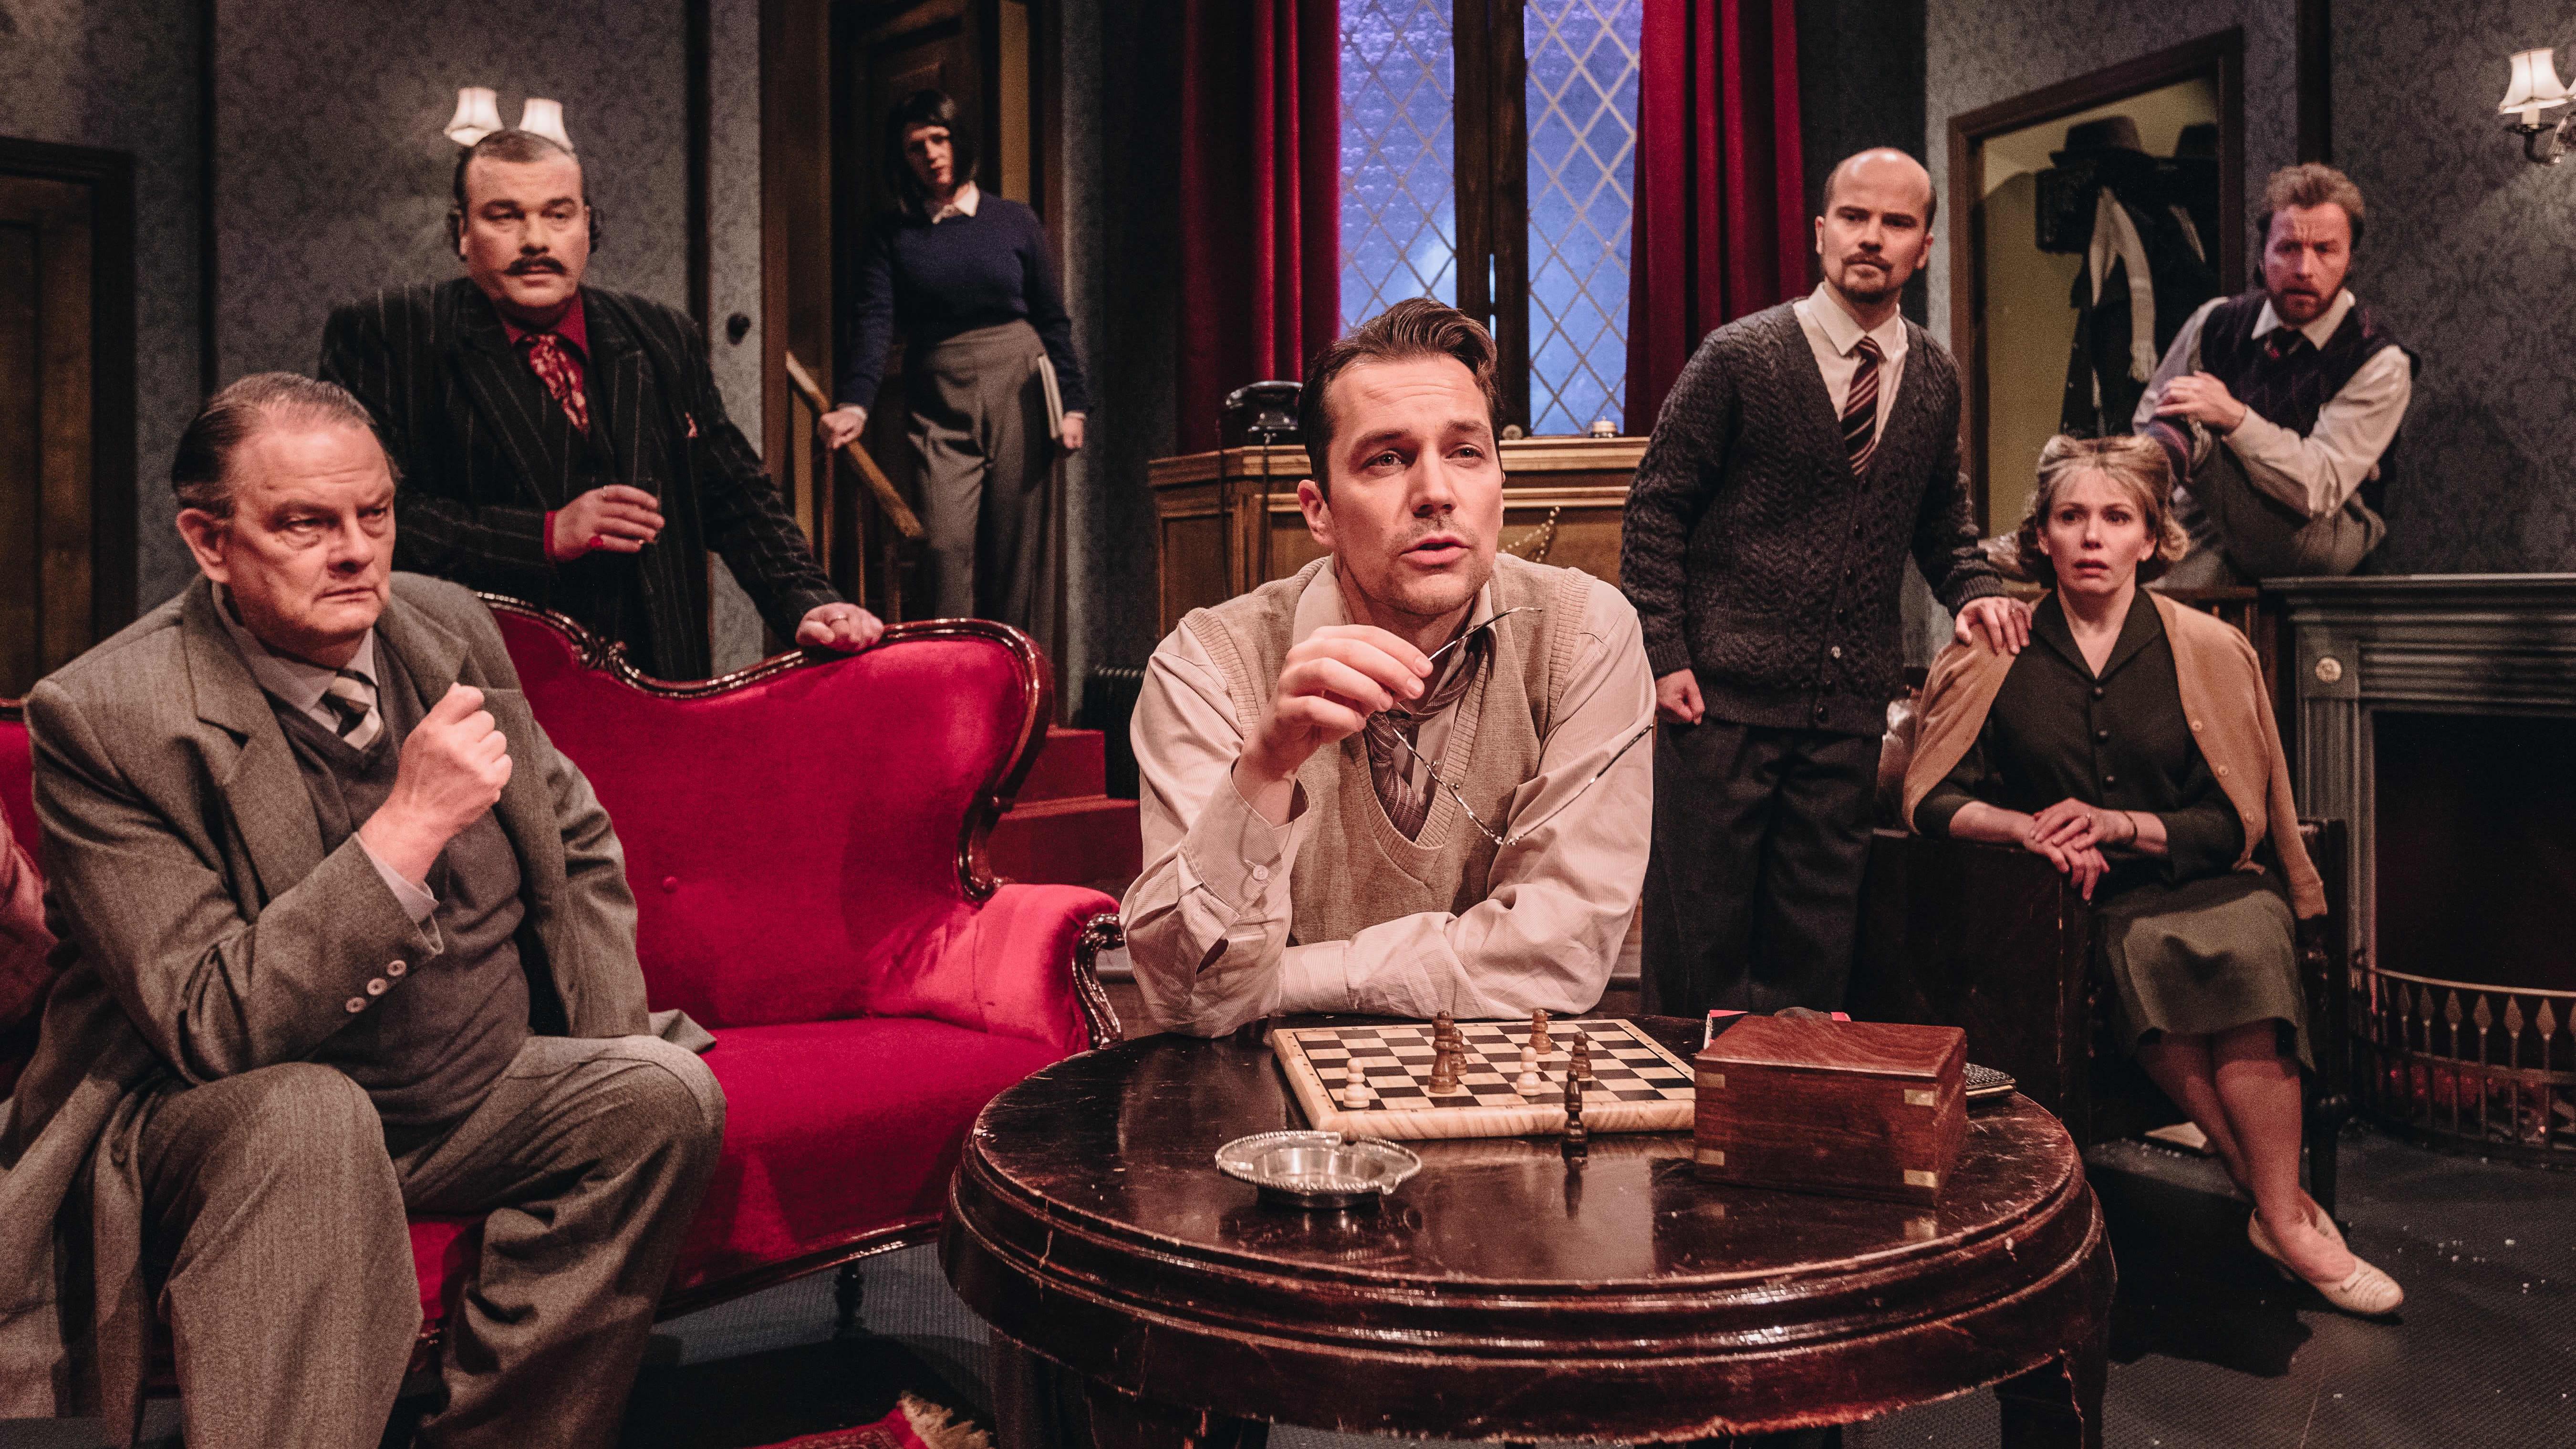 Kuvassa on Hiirenloukku-näytelmän näyttelijöitä.